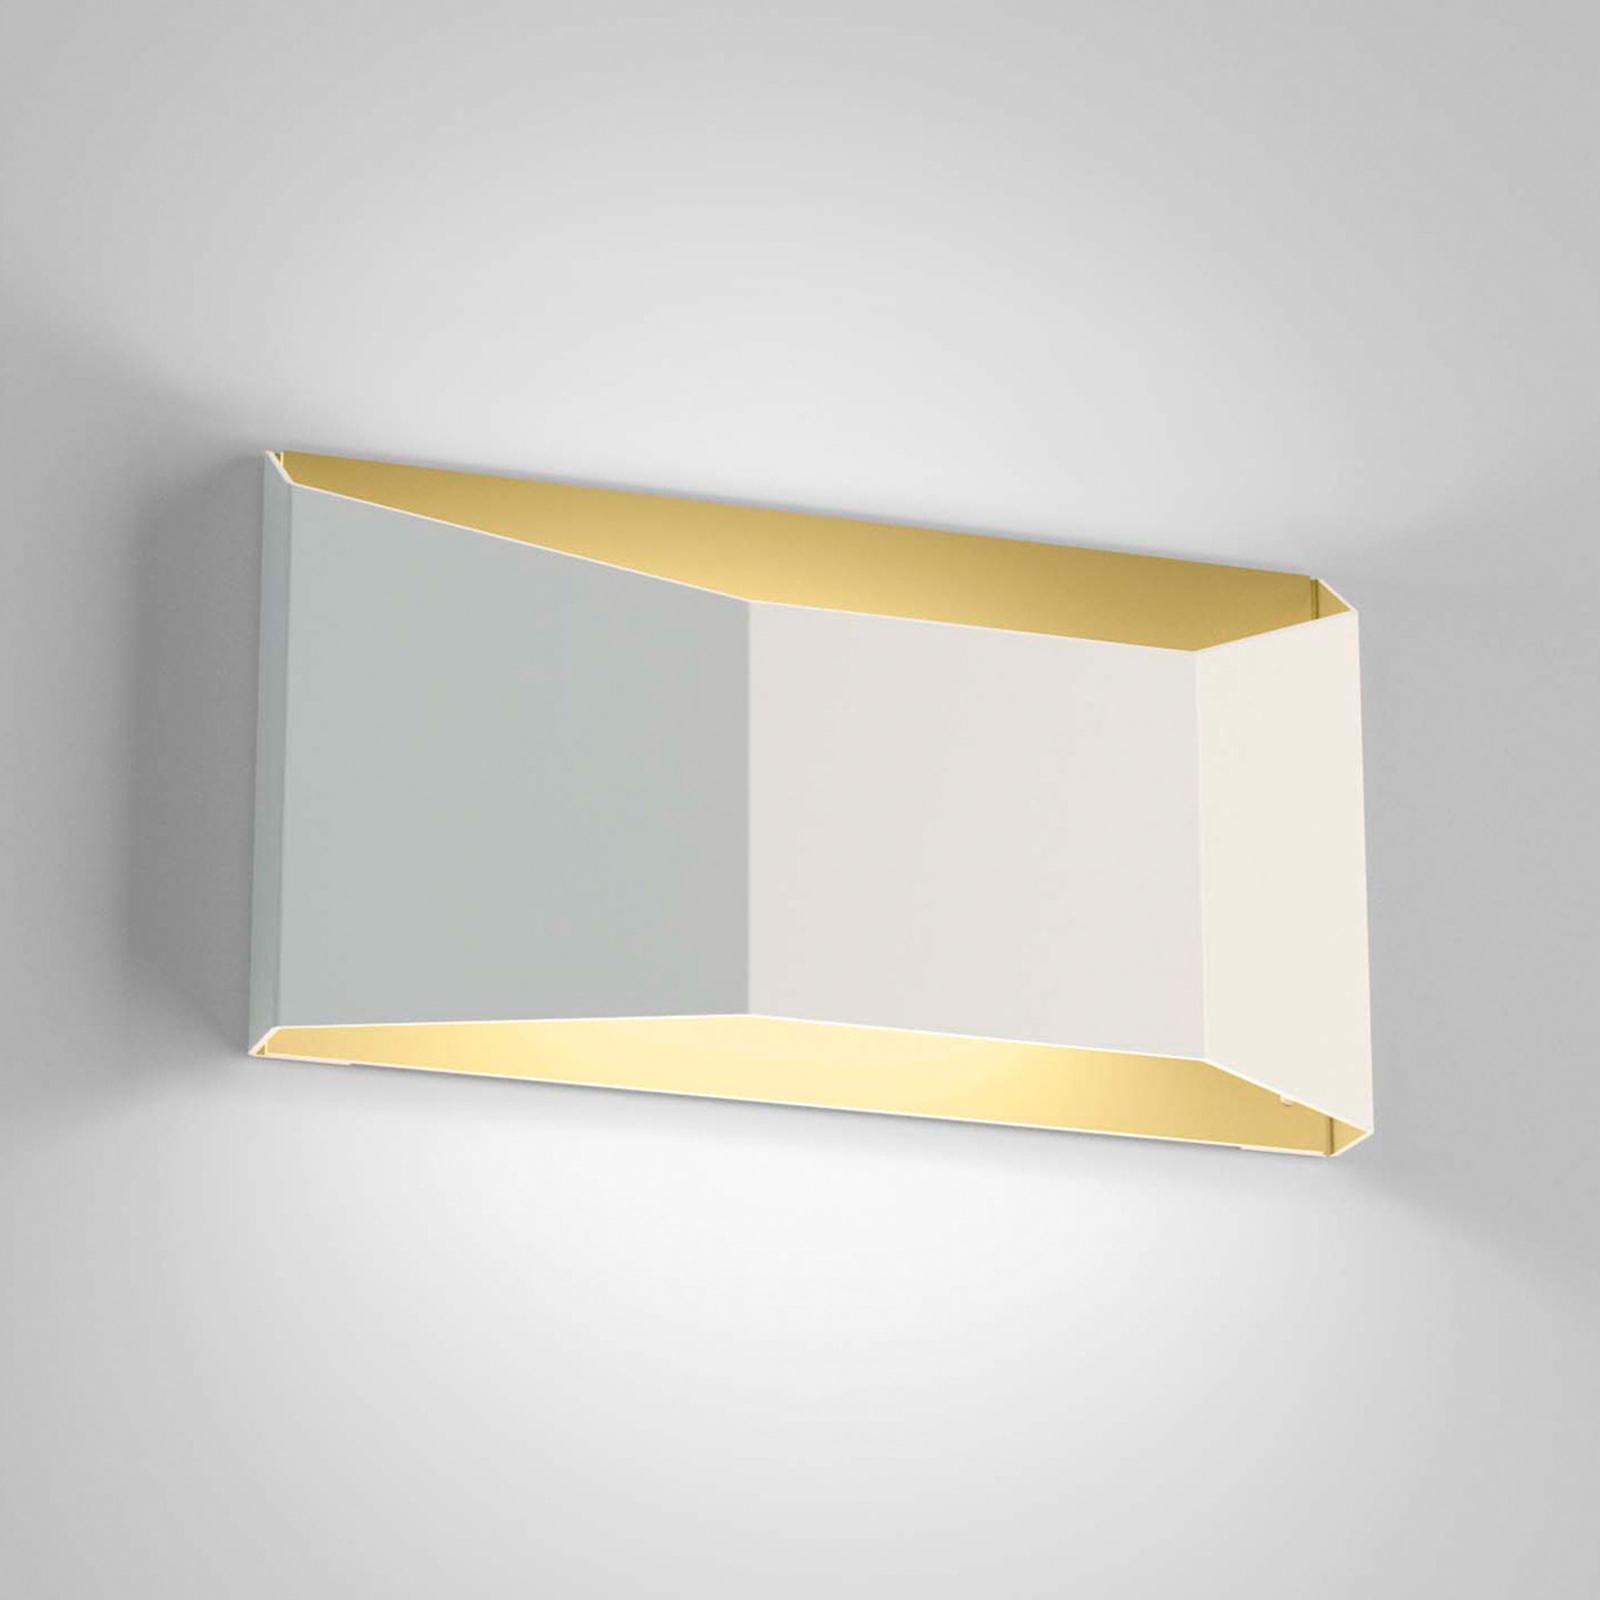 Driedimensionaal vormgegeven LED wandlamp Esa